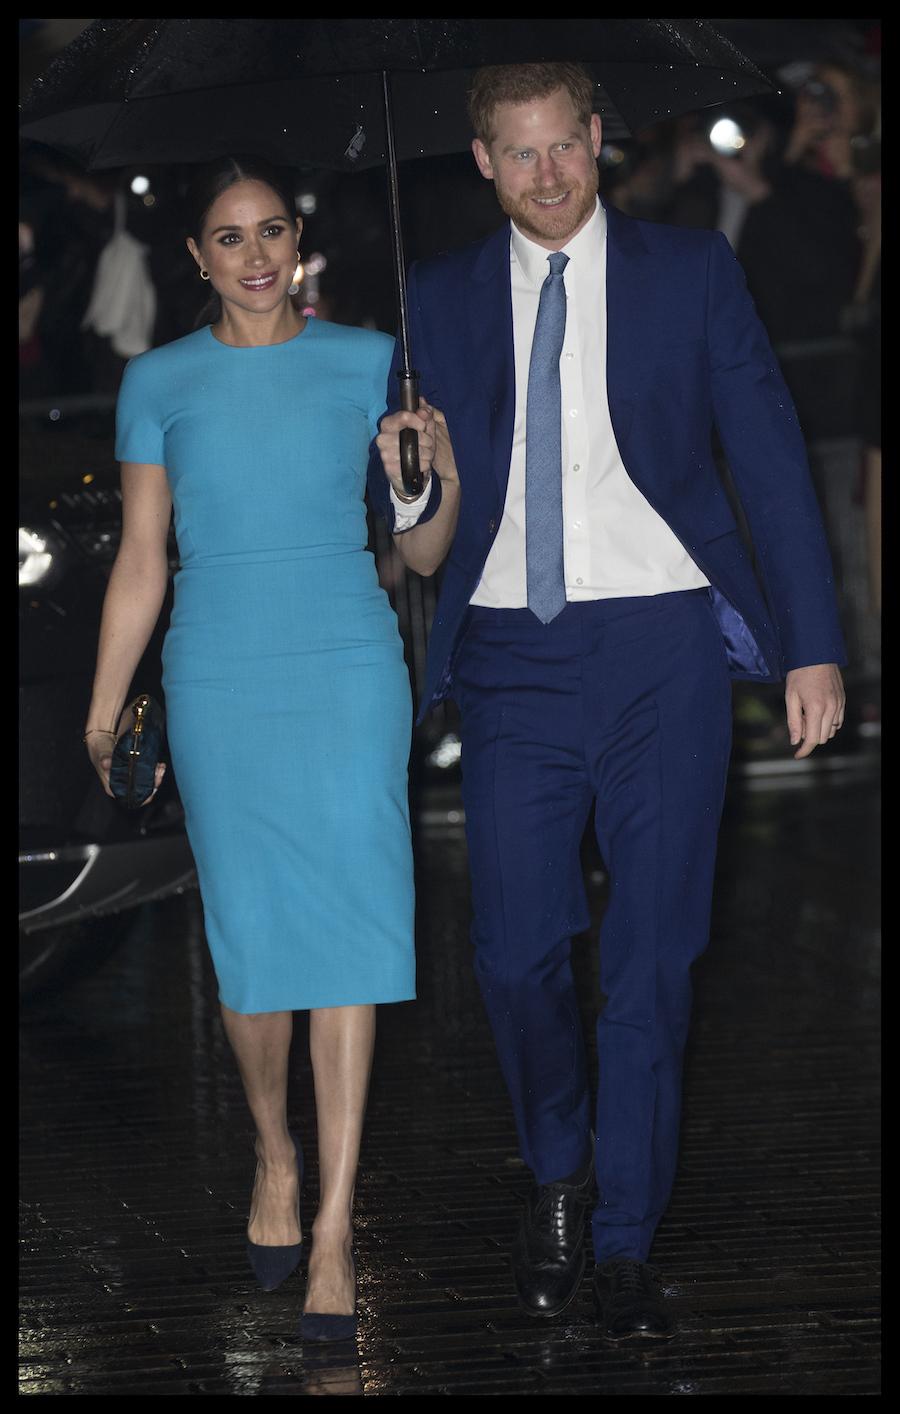 Książę Harry i Meghan Markle na wystąpieniu publicznym.